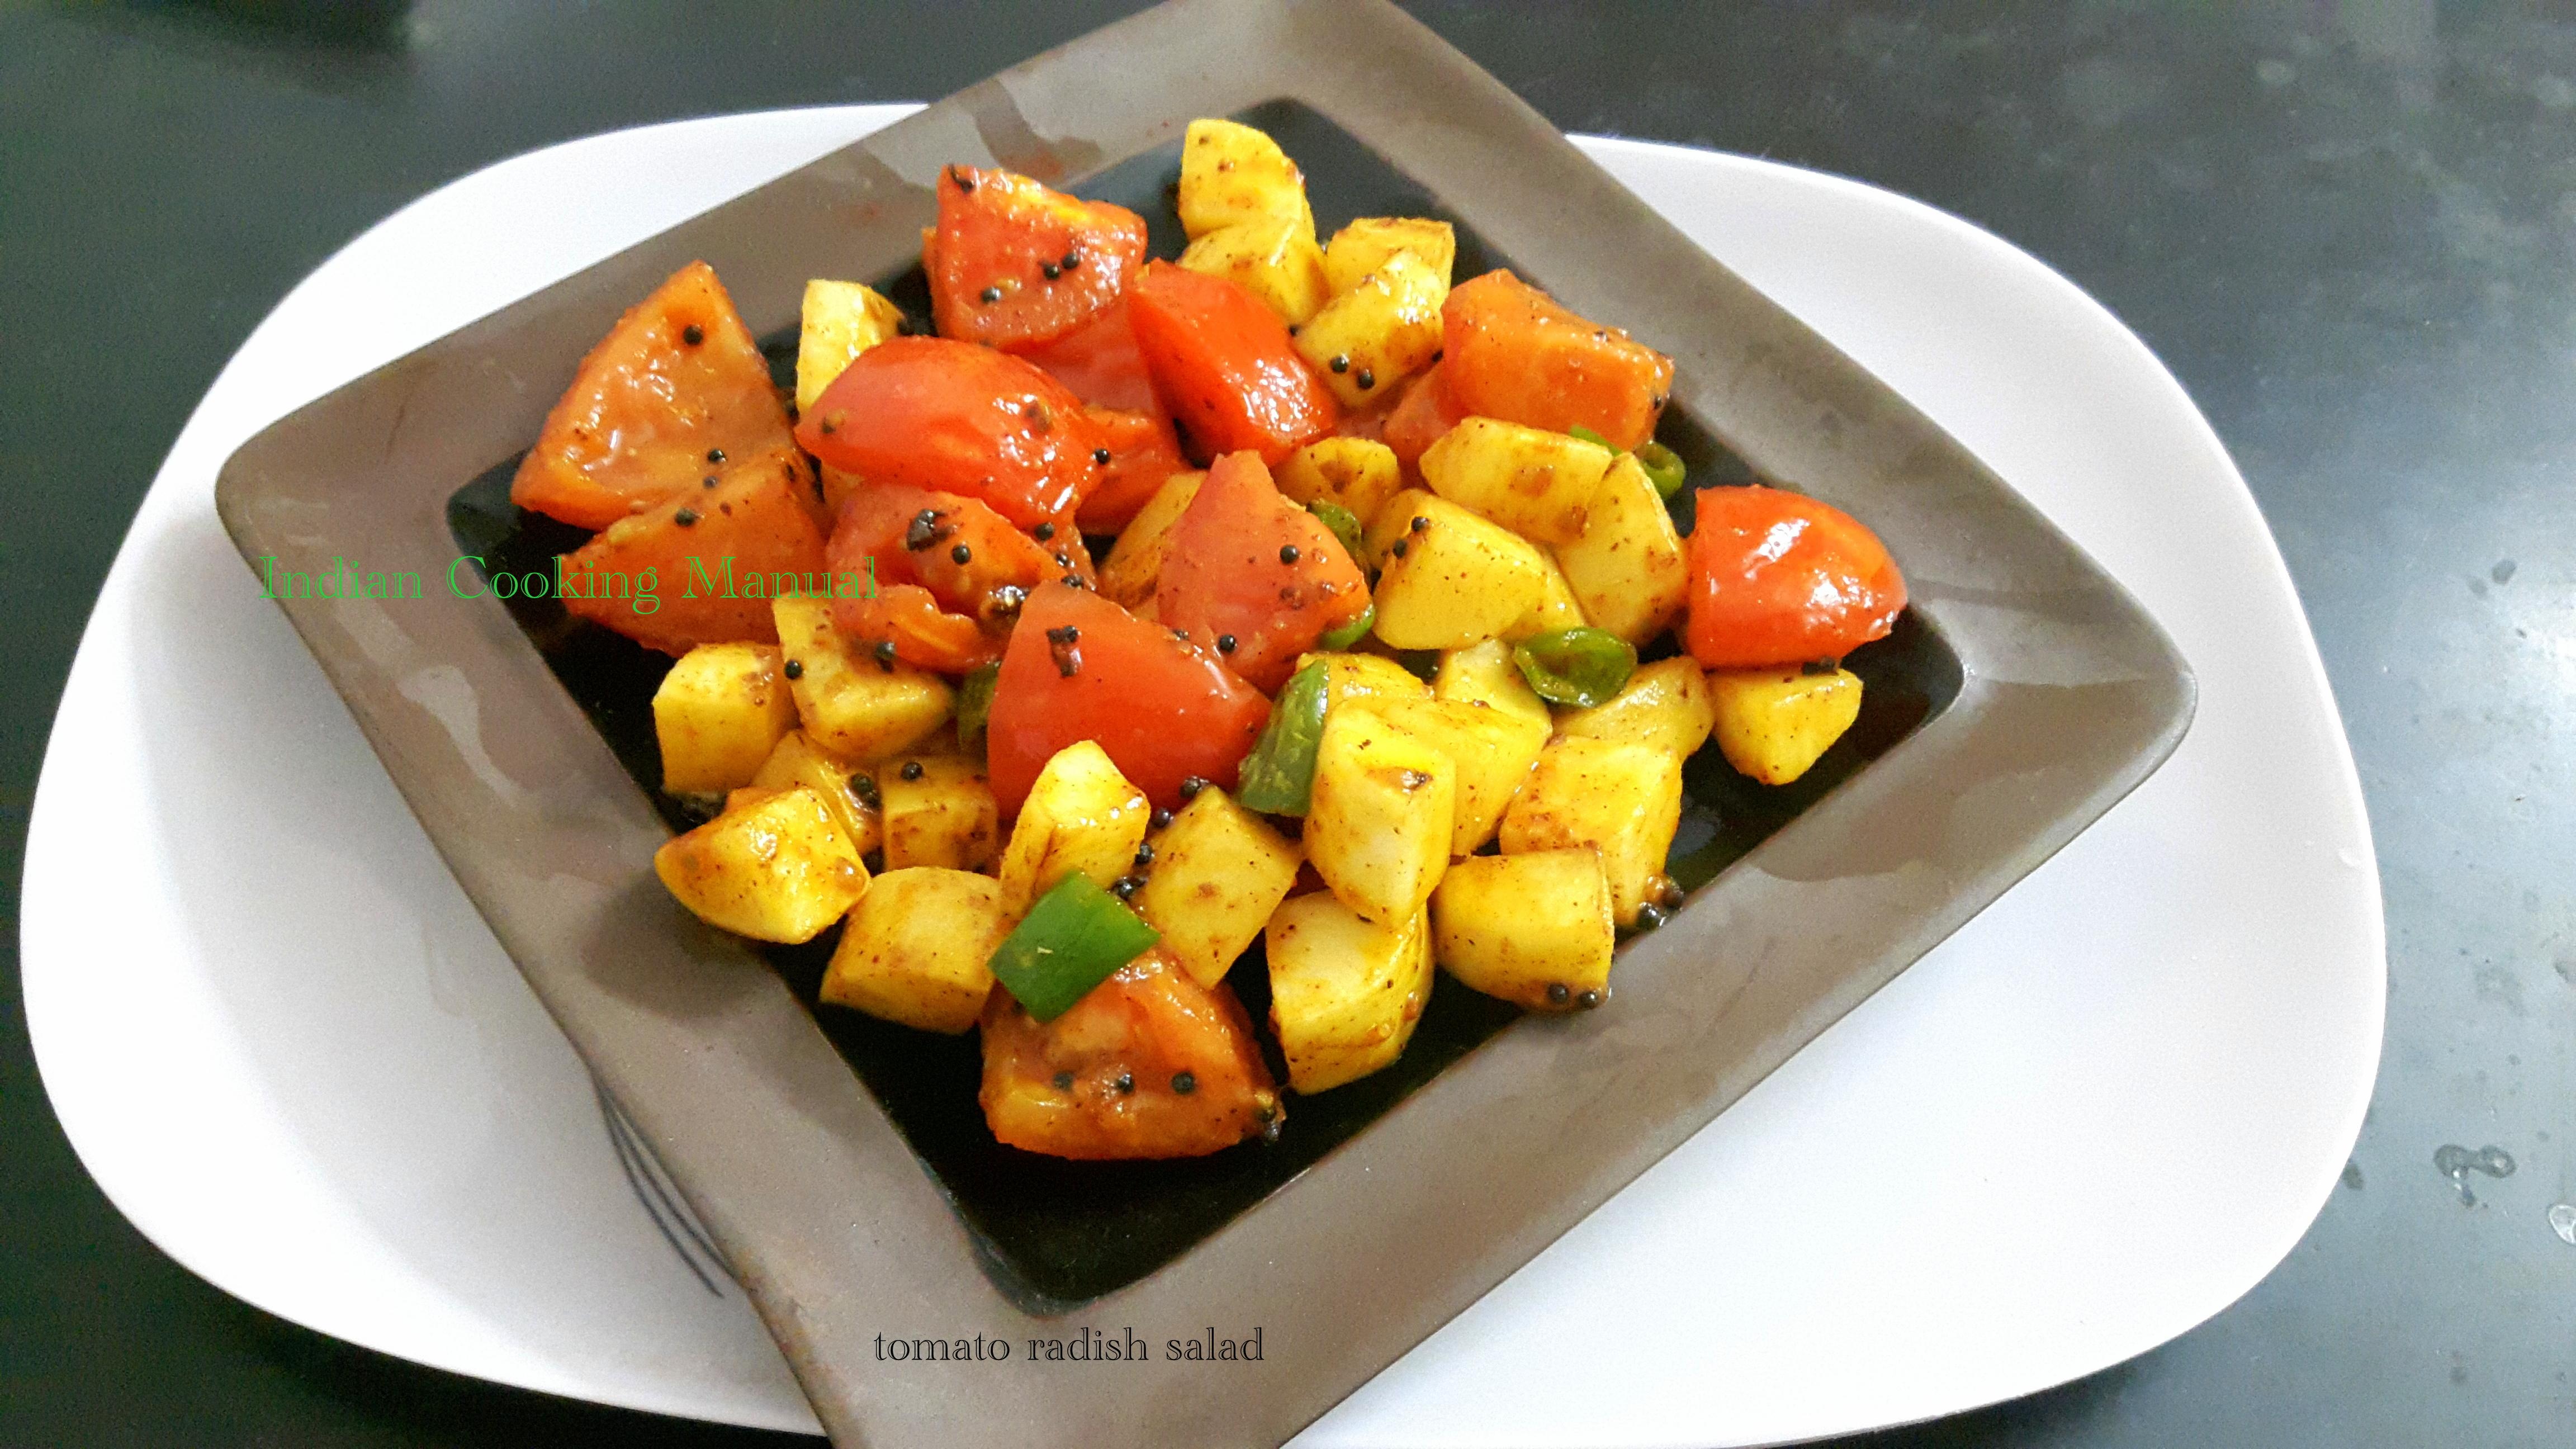 Tomato radish salad (stir fry)